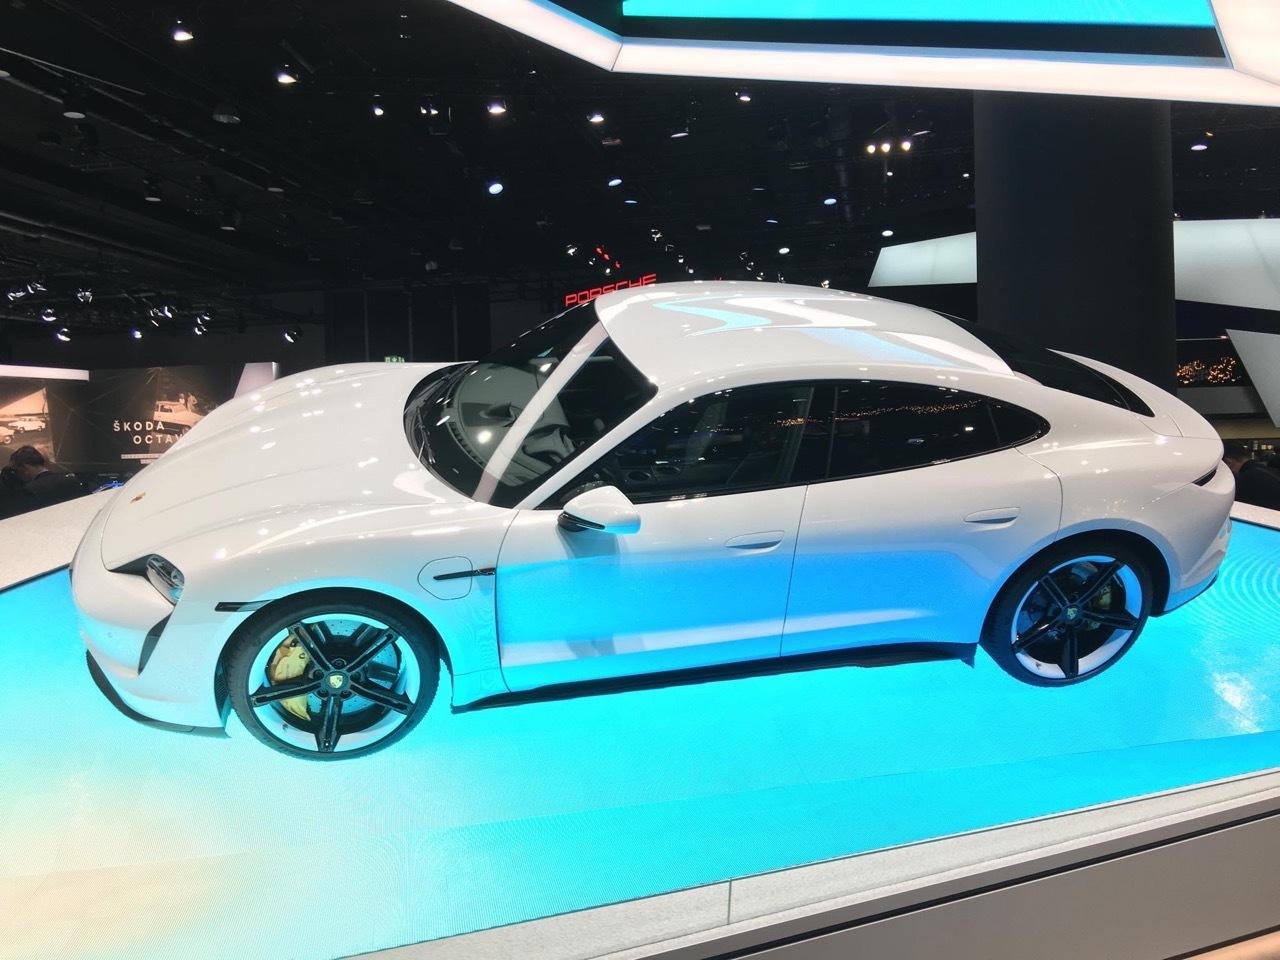 Auto Anno 2020 - Finaliste